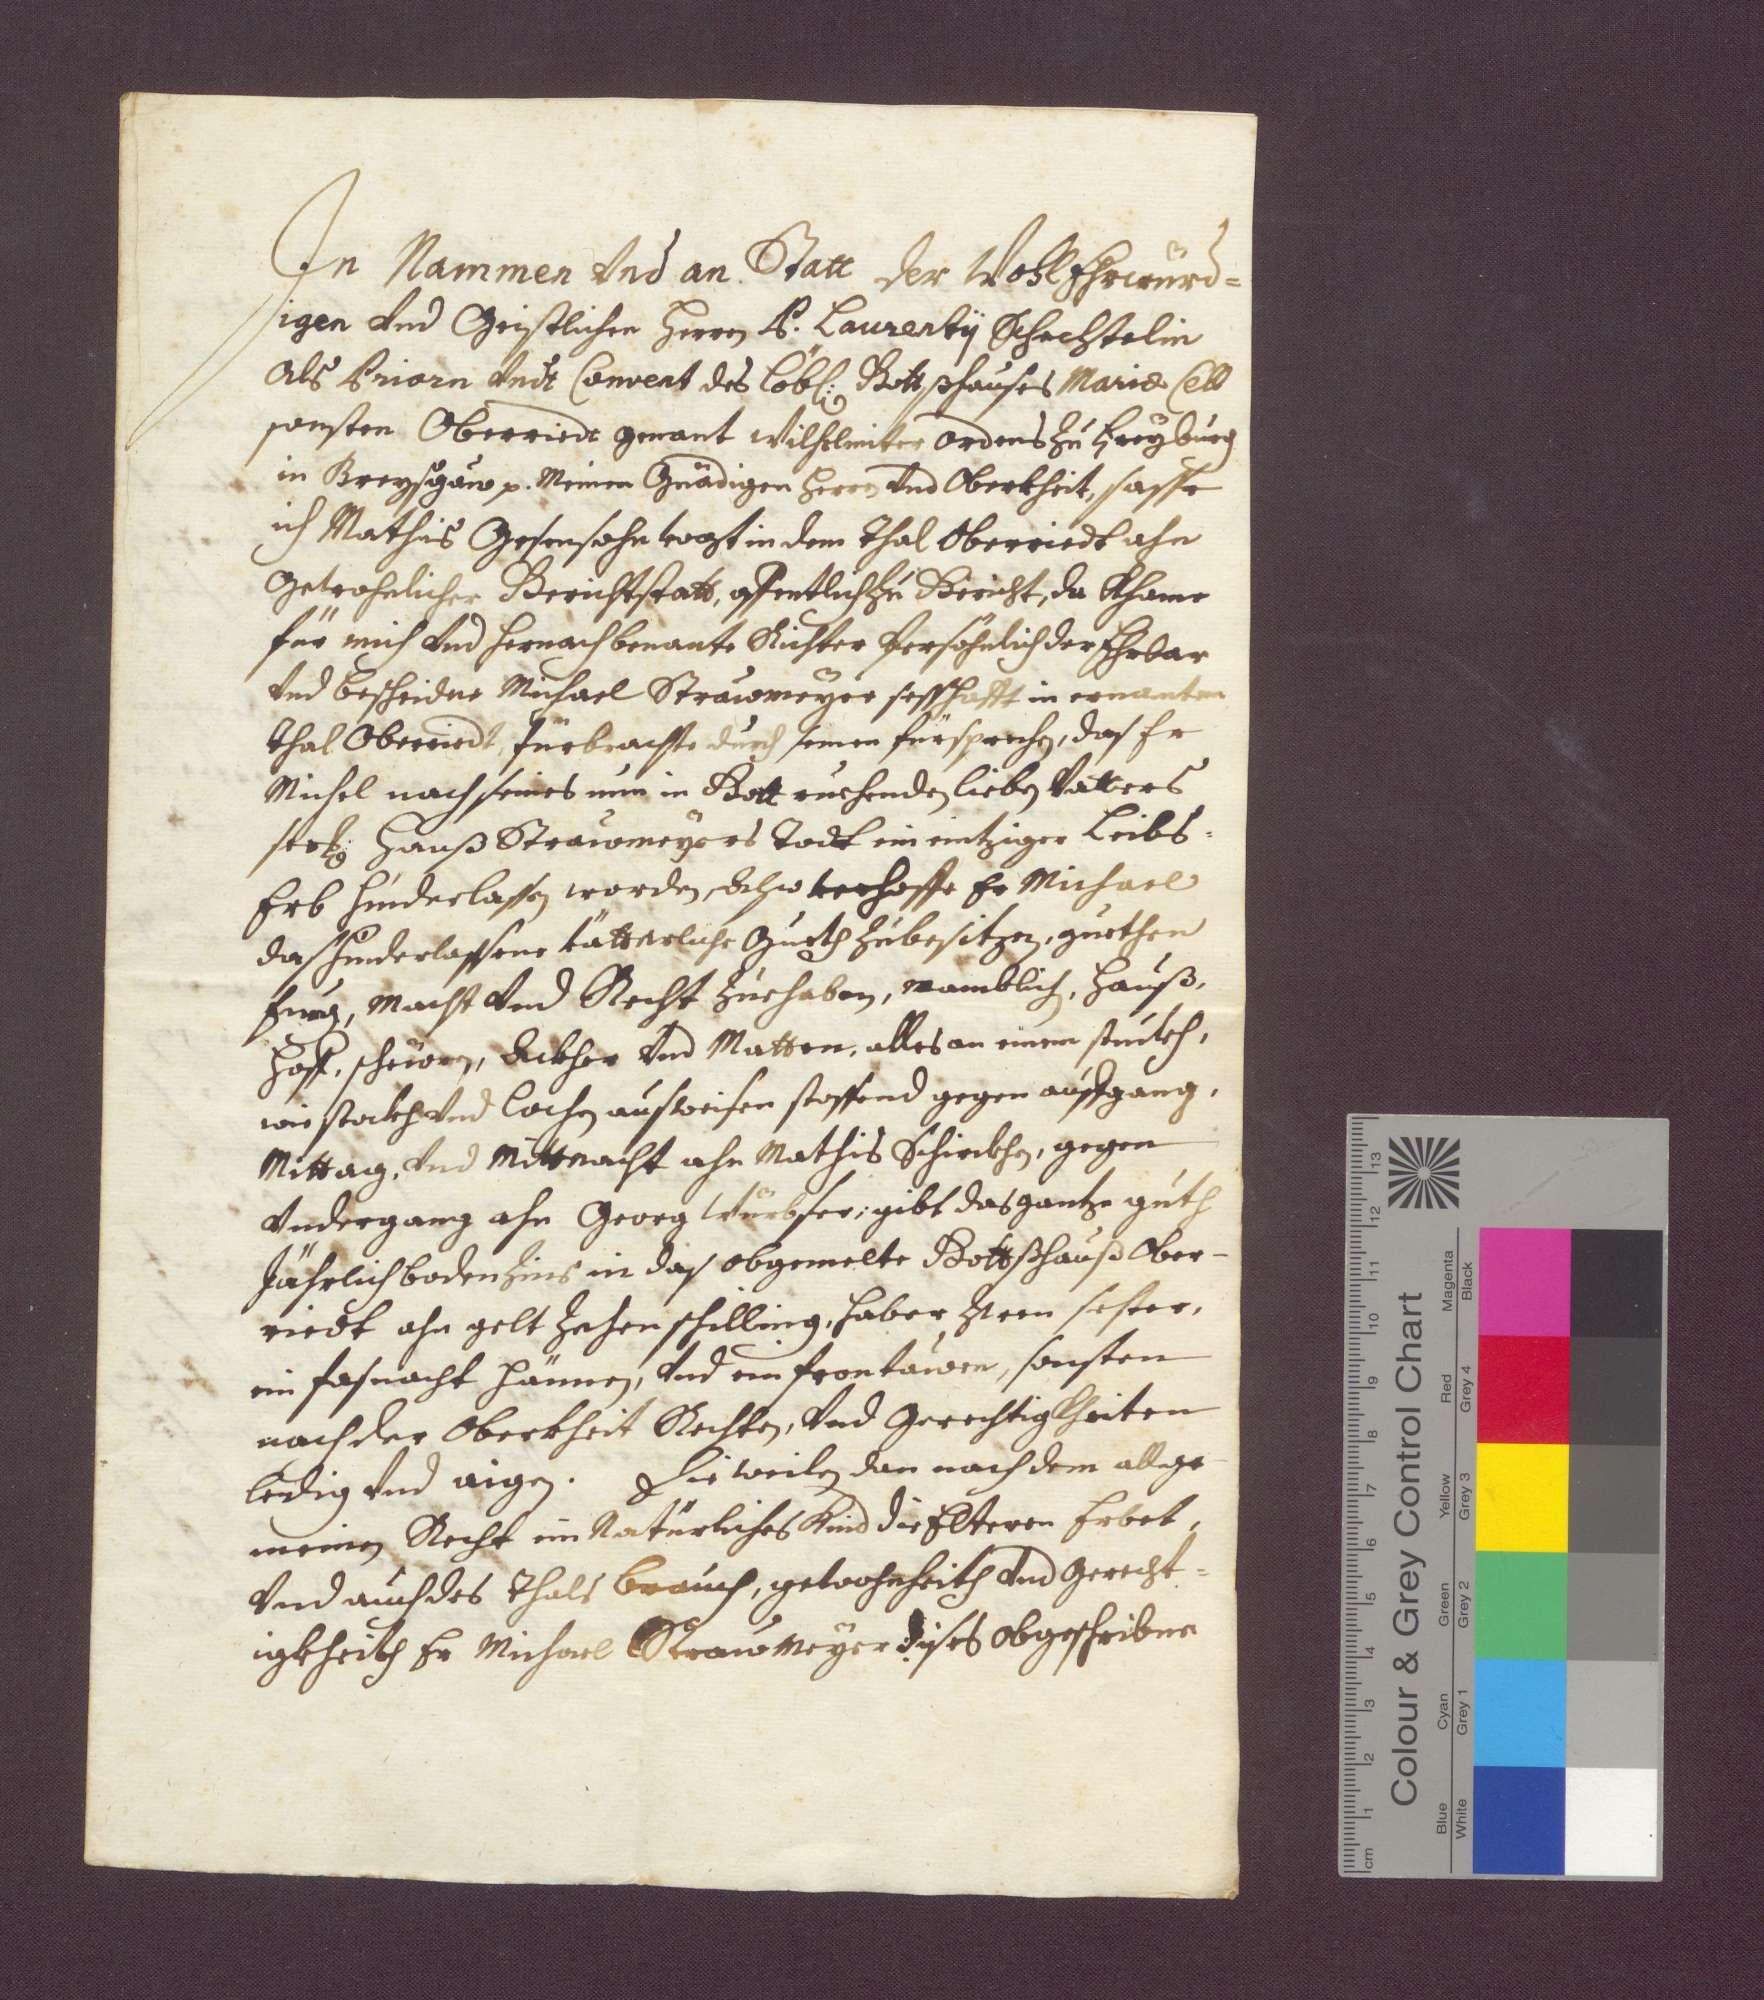 Das Oberrieder Talgericht des Freiburger Klosters weist den Michel Stromeier als einziges Kind des Hans Stromeier in den Besitz der genannten ererbten Güter ein., Bild 3